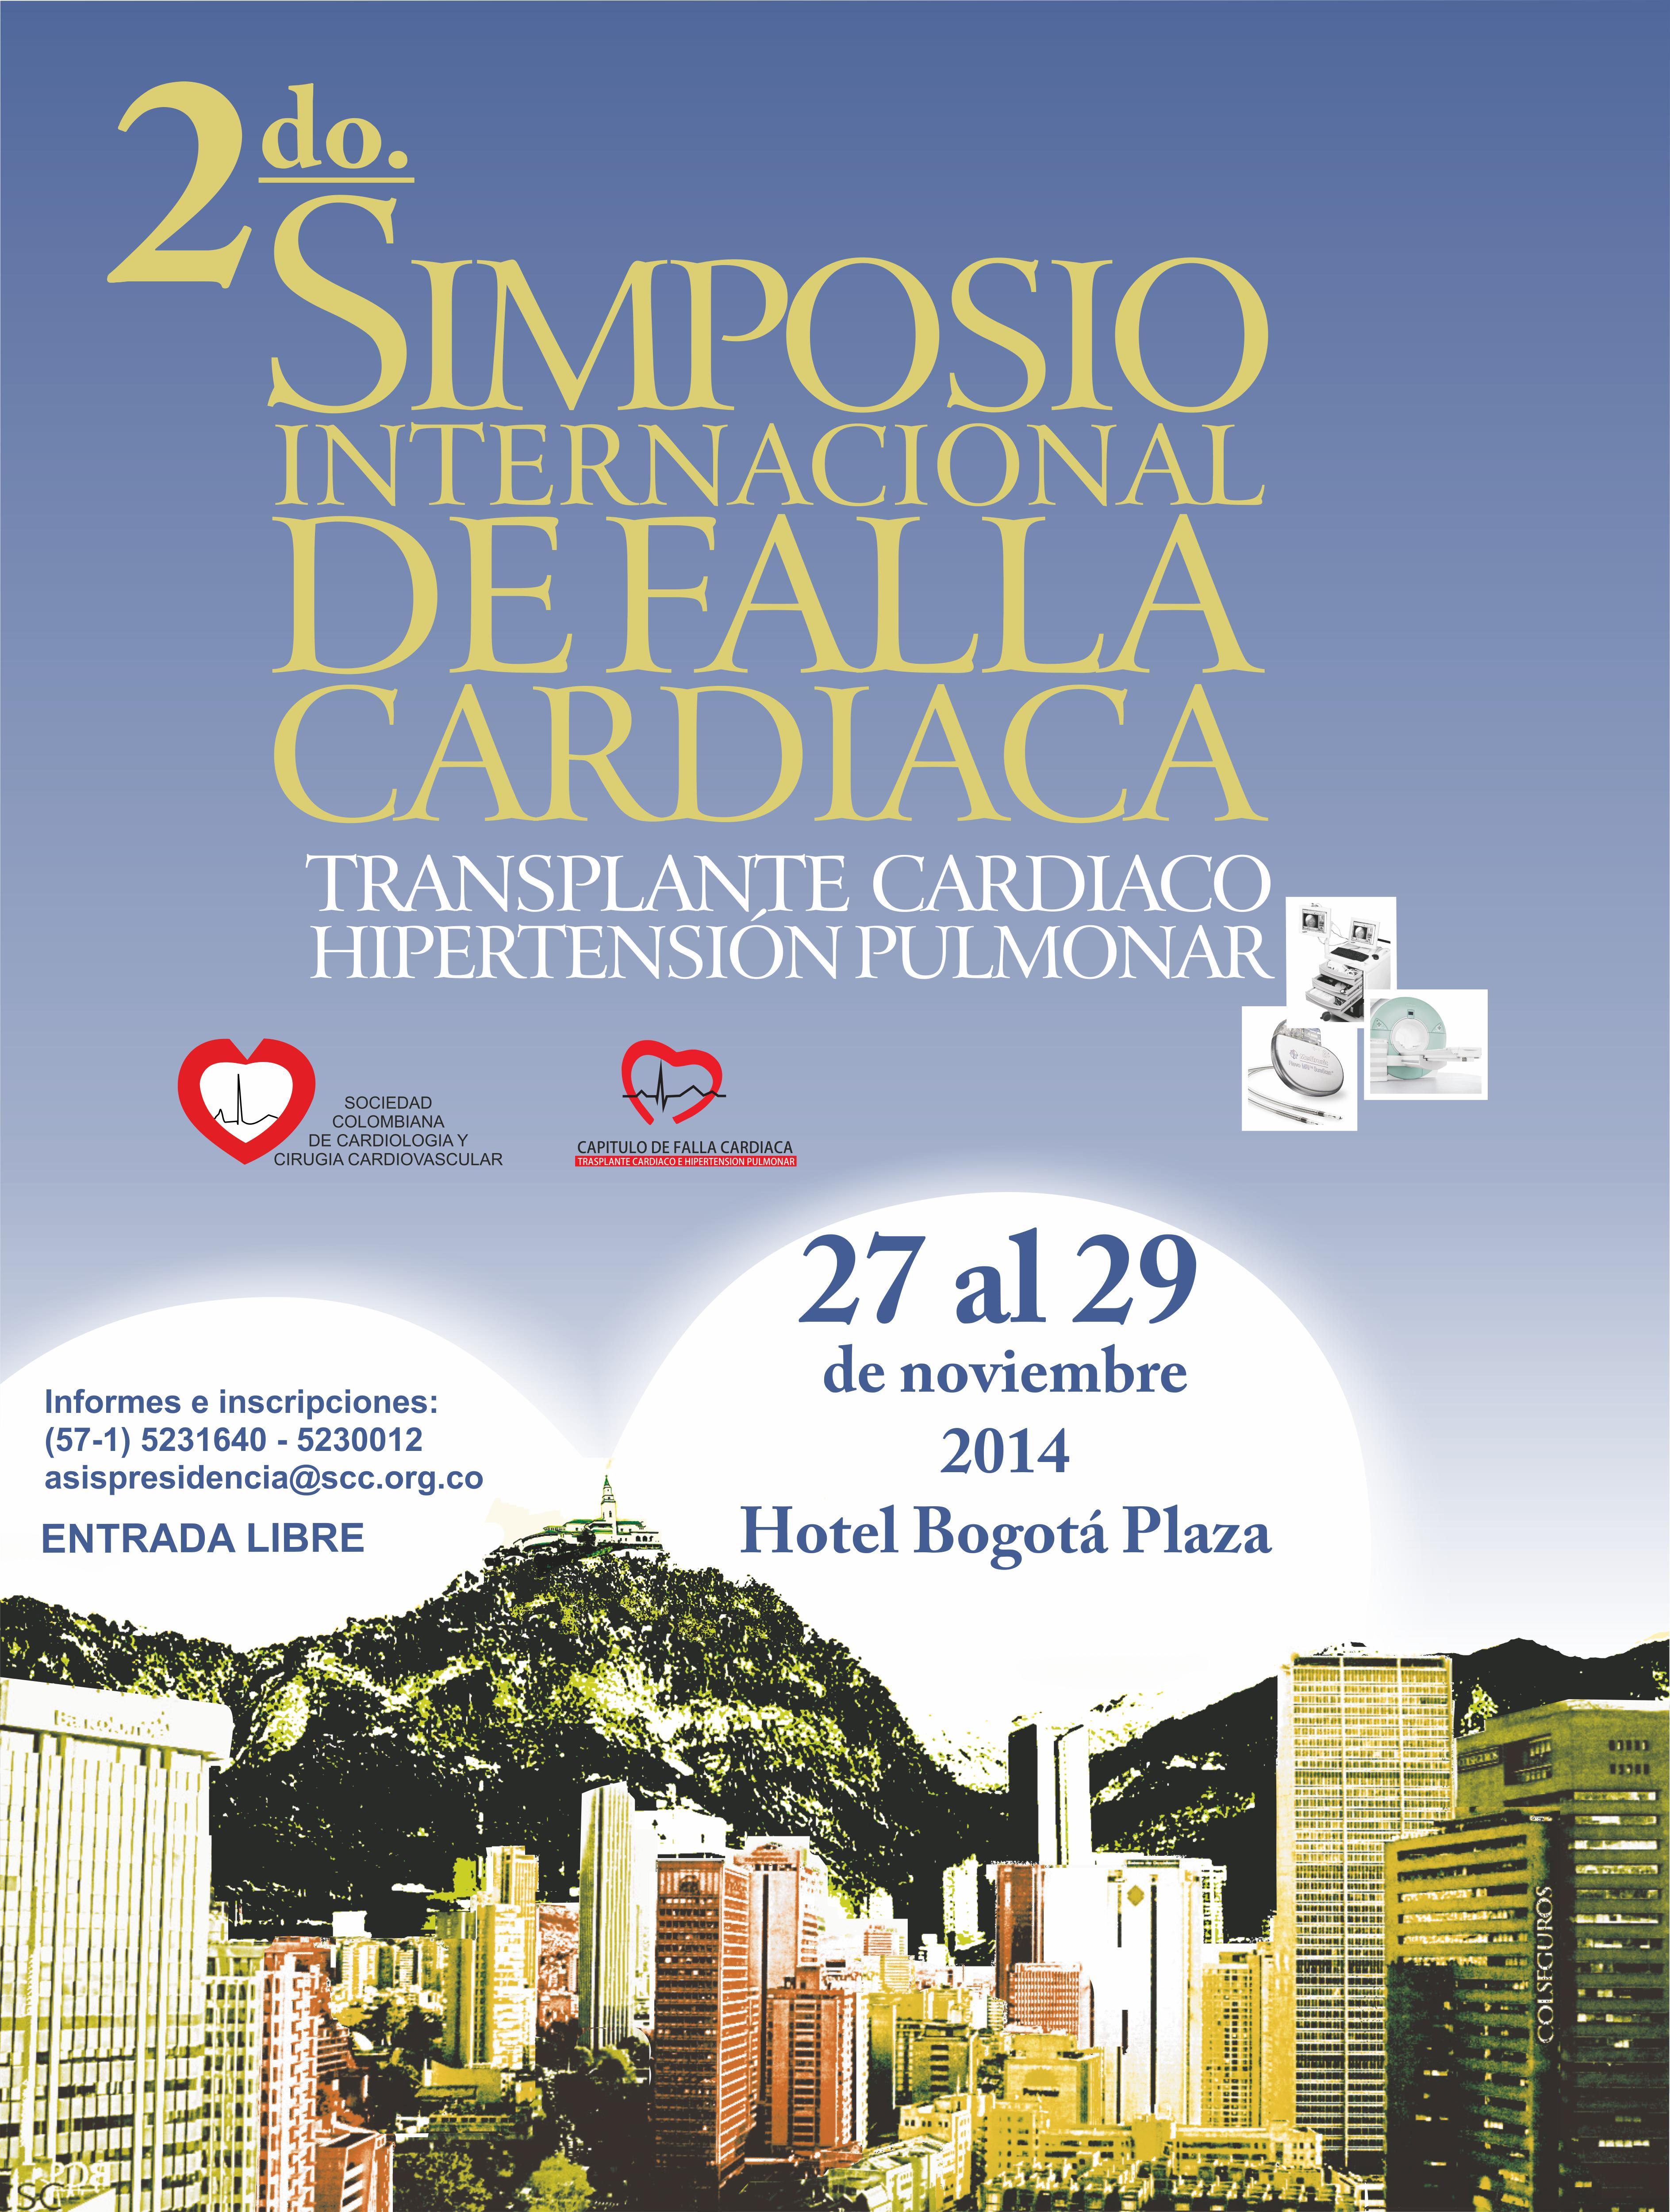 2do. Simposio Internacional de Falla Cardíaca Transplante Cardiaco  Hipertensión Pulmonar  @ Hotel Bogotá Plaza - Noviembre 27,28 y 29 de 2014